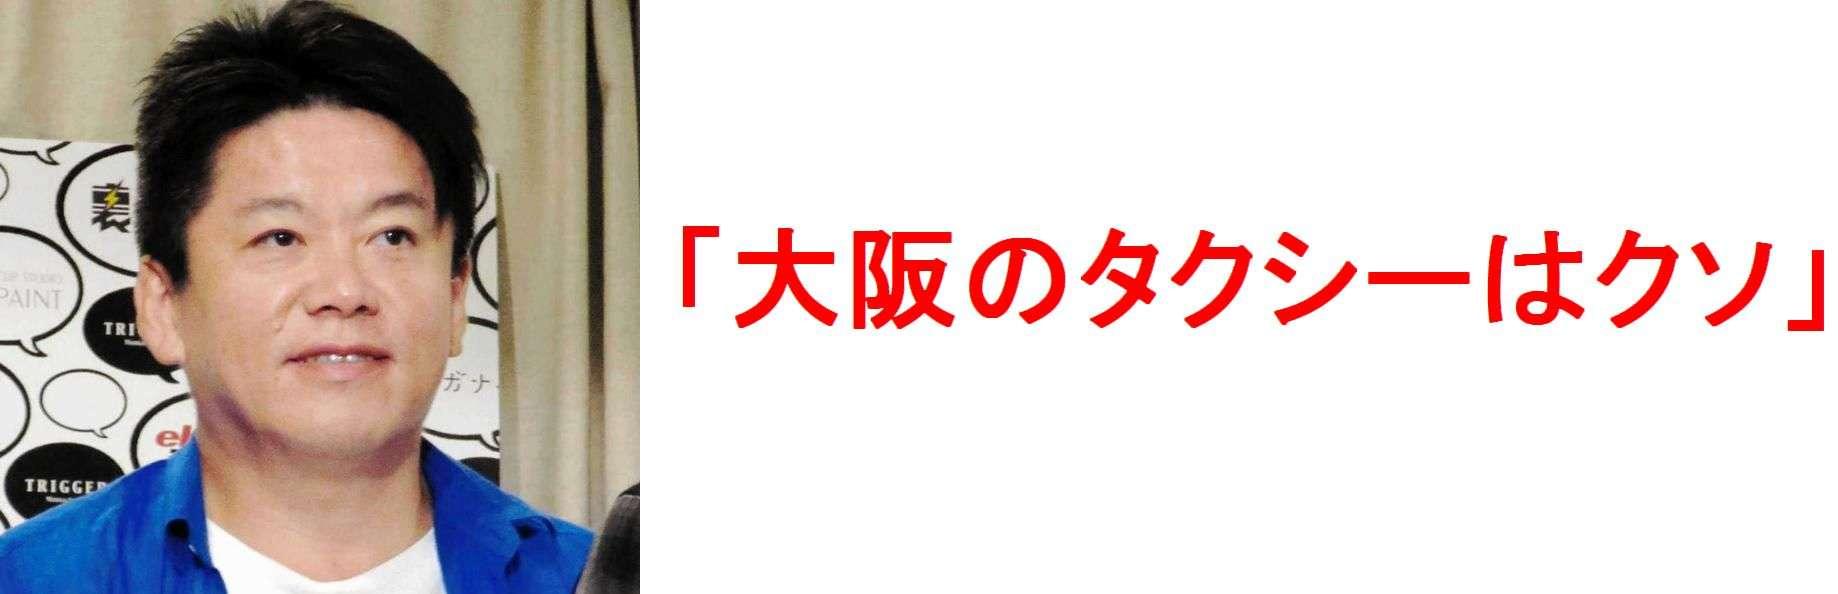 おぎやはぎ小木博明 「枕営業で売れた人いる」metoo運動への見識に非難